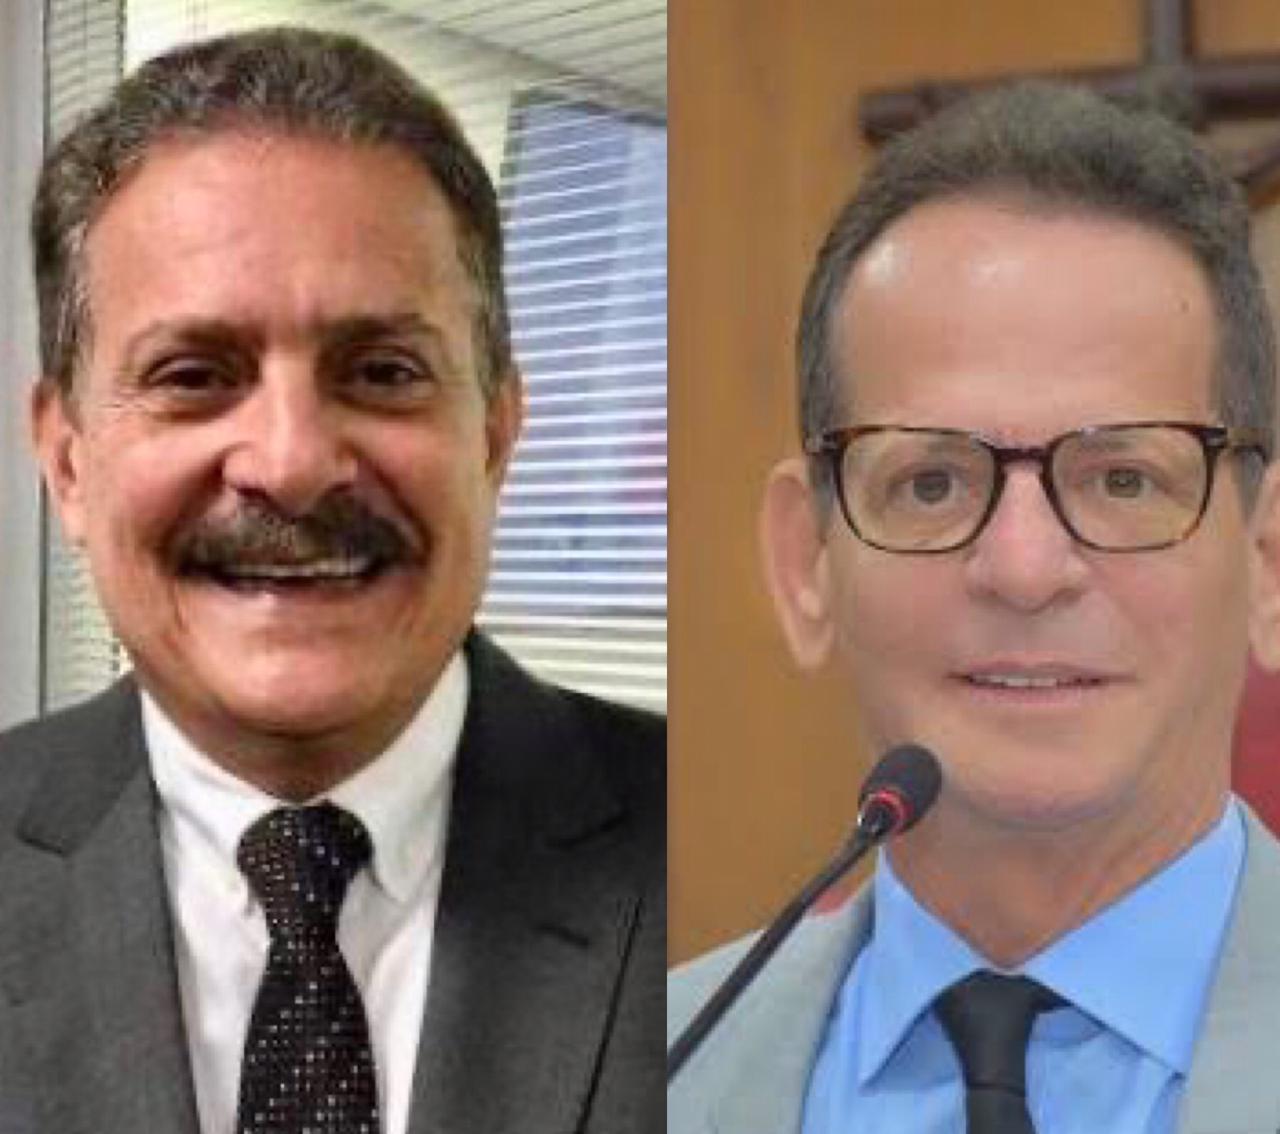 82c38416 5e49 4ea5 9d53 1825ad8e2da0 - Tião Gomes declara apoio à reeleição do vereador Marcos Vinícius em João Pessoa